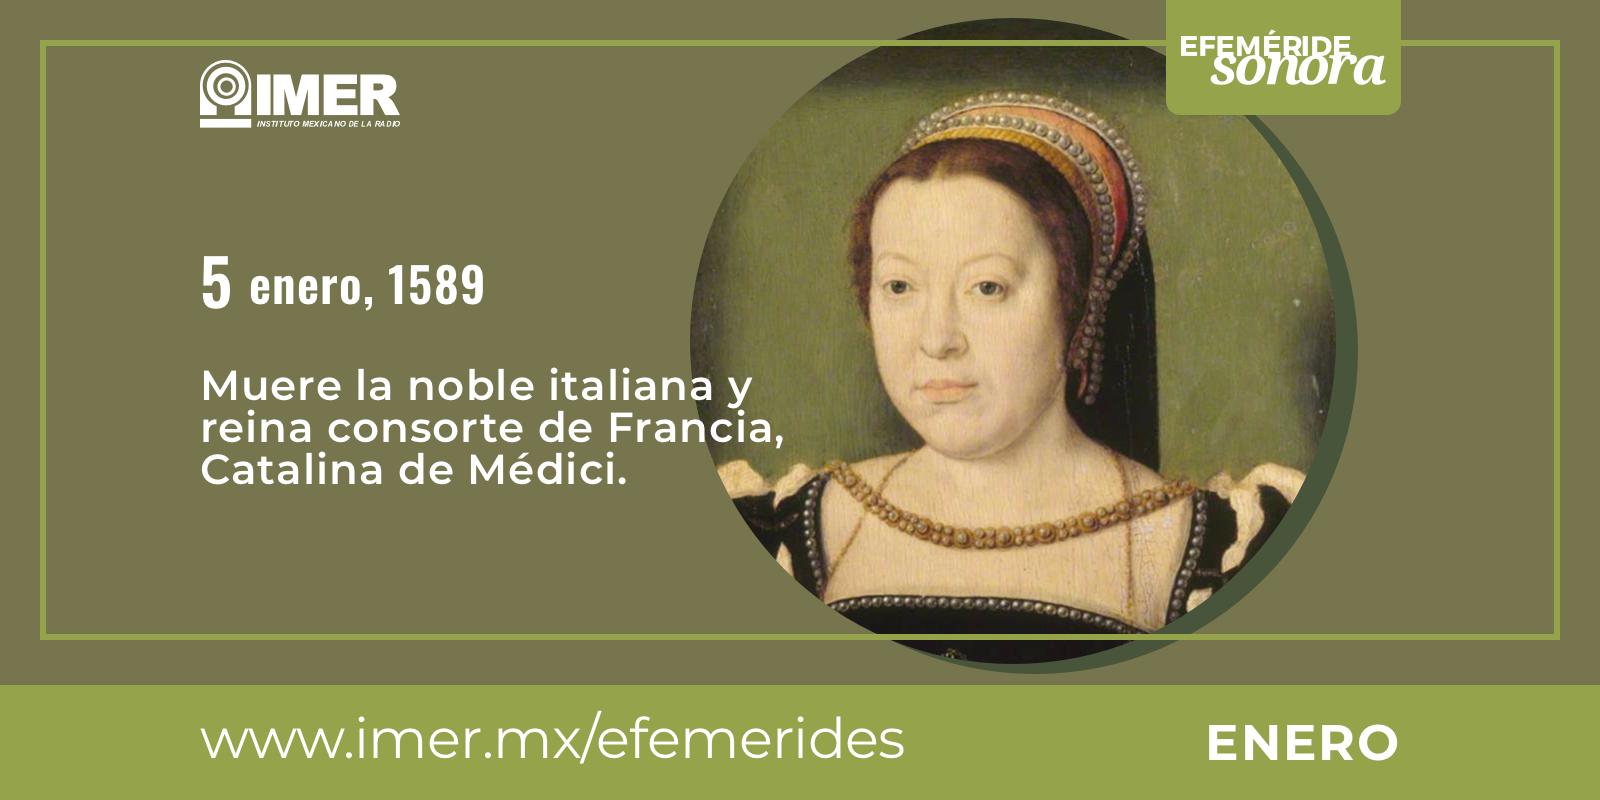 5 De Enero De 1589 Muere Catalina De Medici Imer